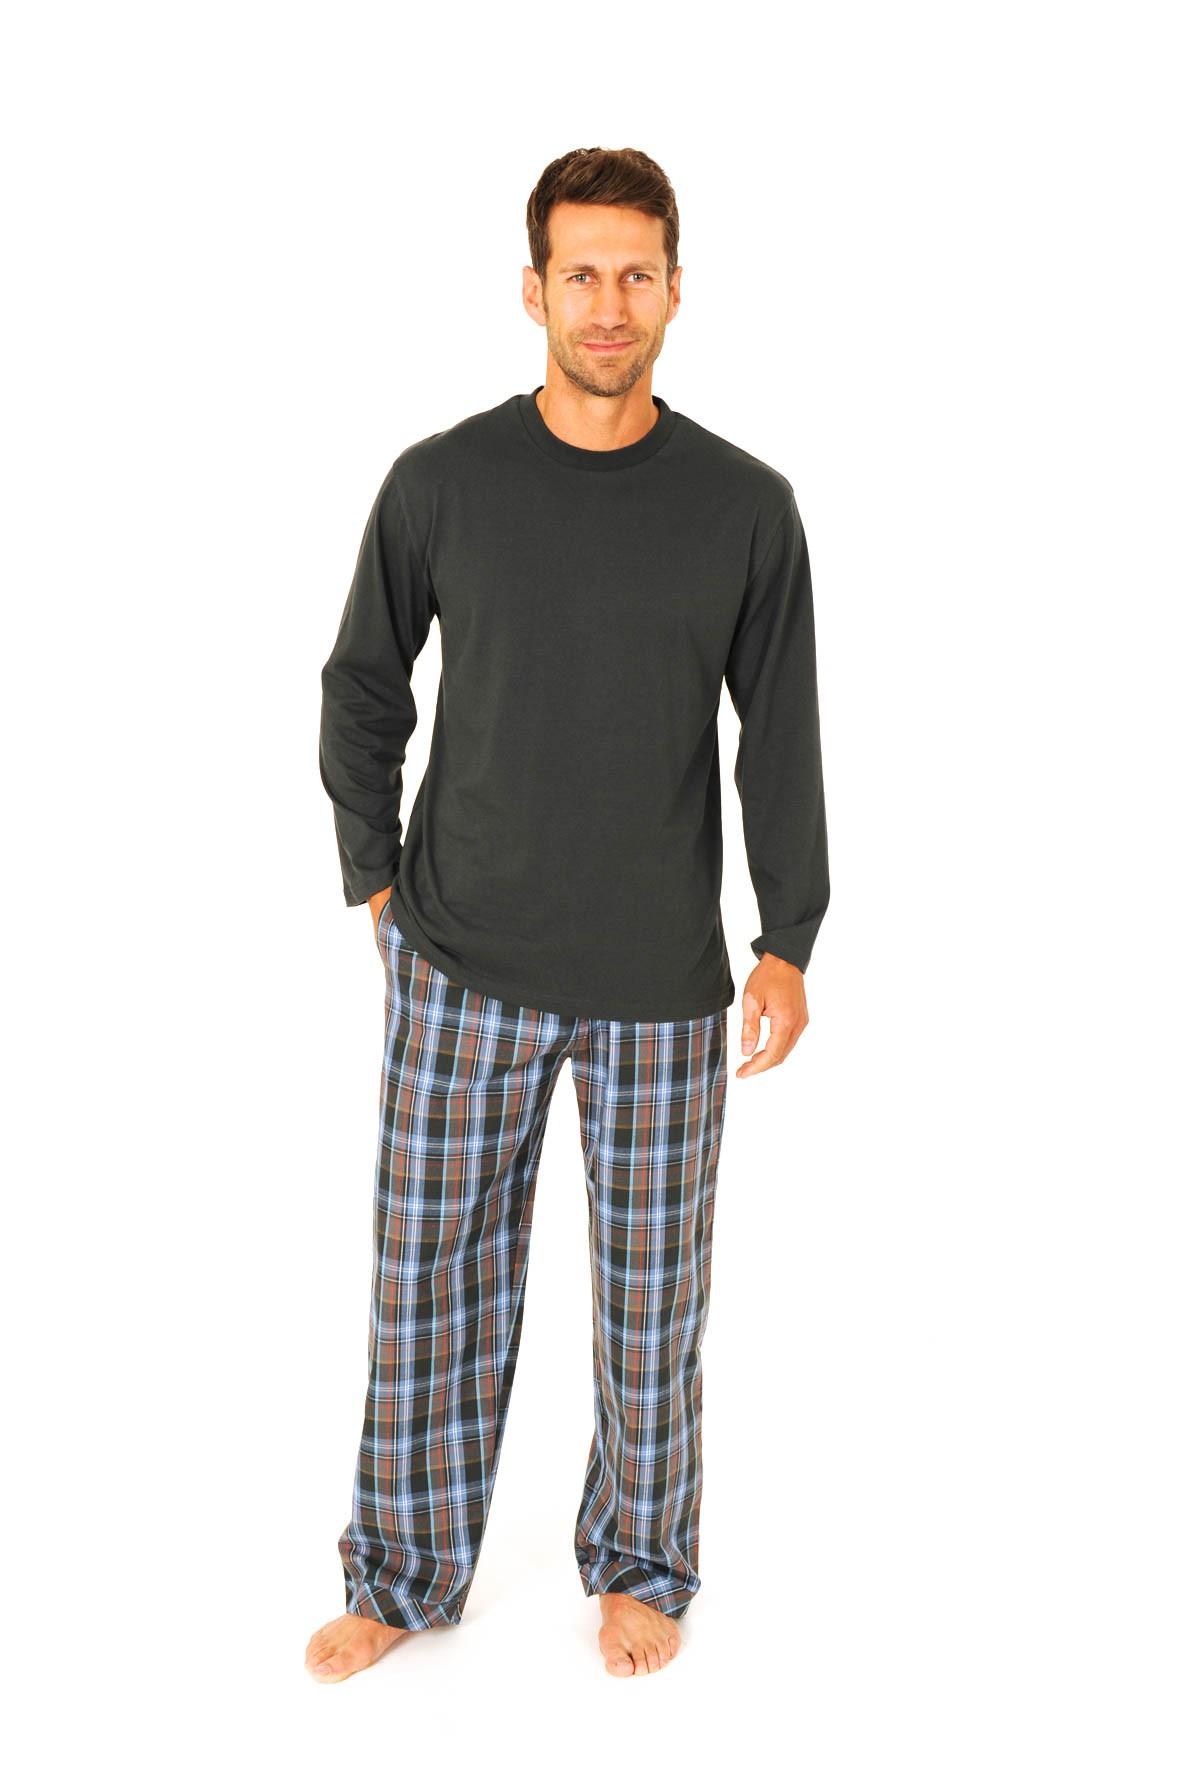 Herren Pyjama Mix & Match Schlafanzug - Hose gewebt, Oberteil Wirkware 55674